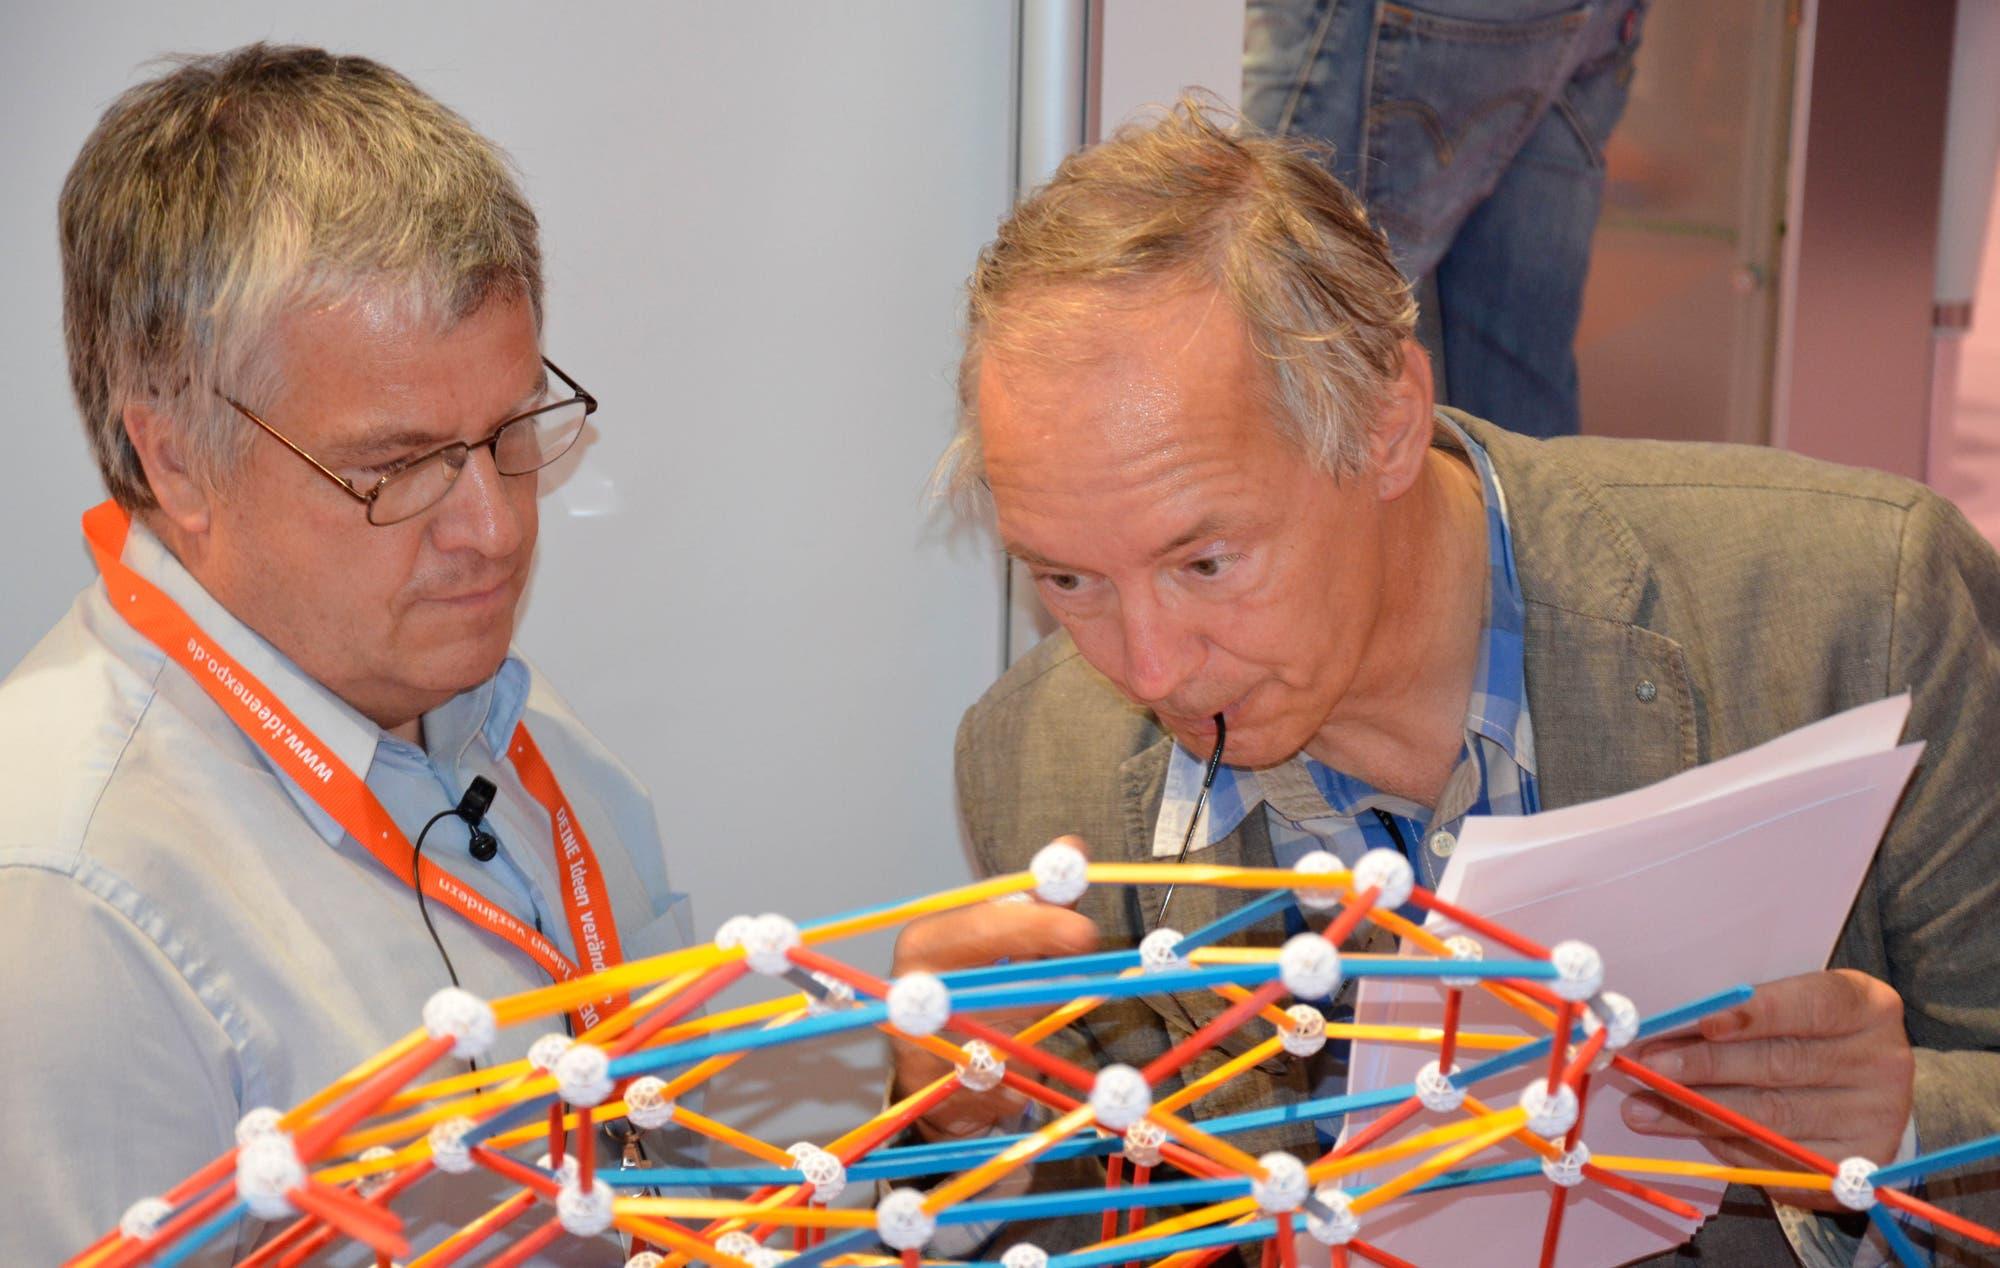 Eigentlich baut Paul Gerard van de Veen die Bauteile blitzschnell zusammen...